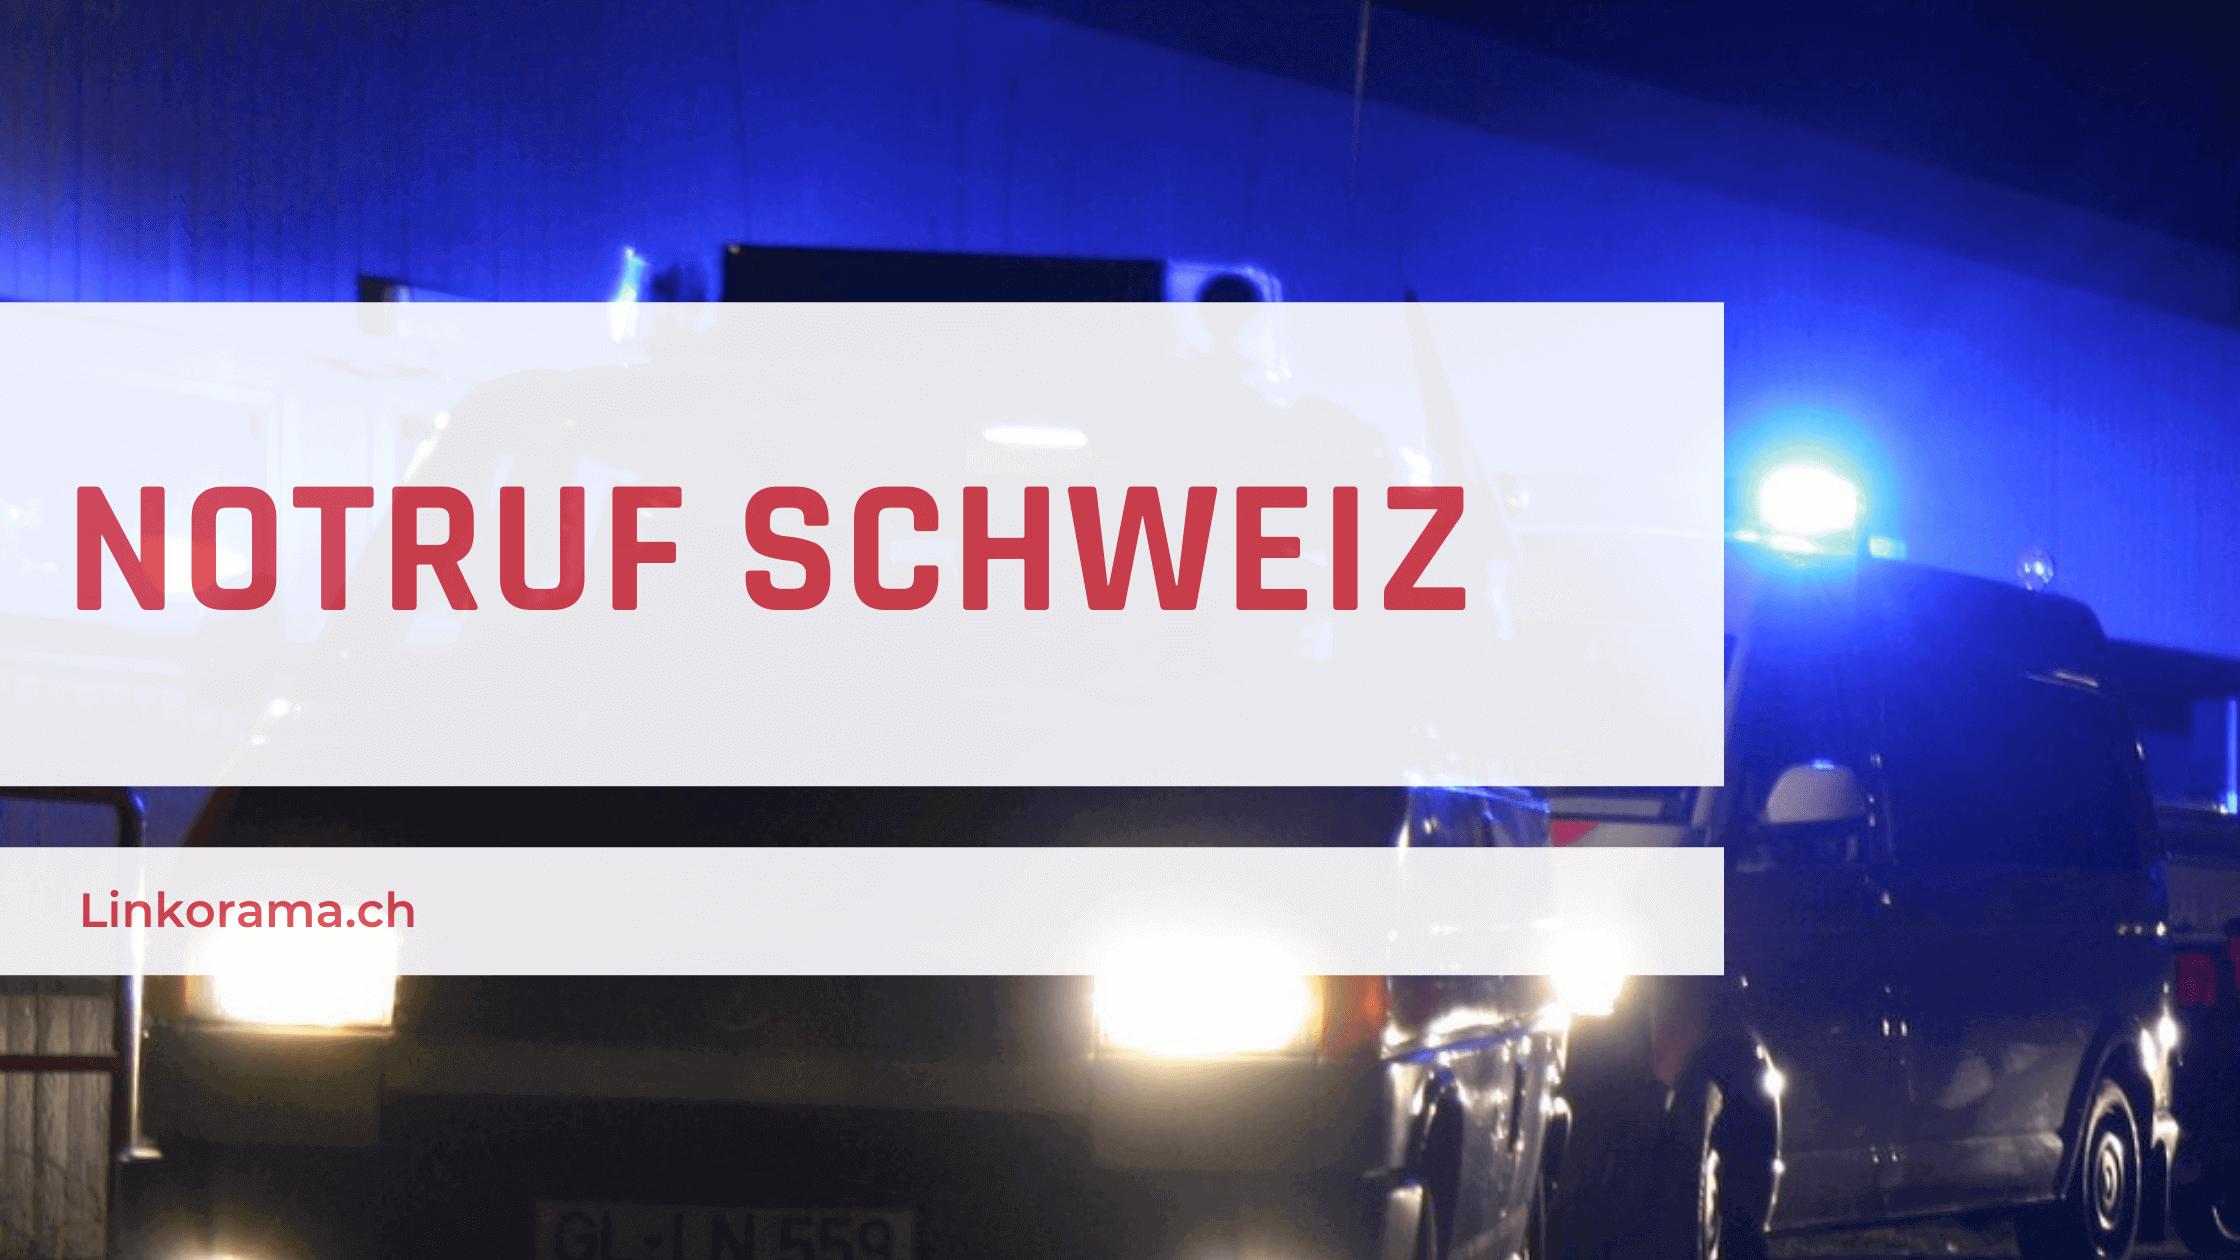 Notruf Schweiz